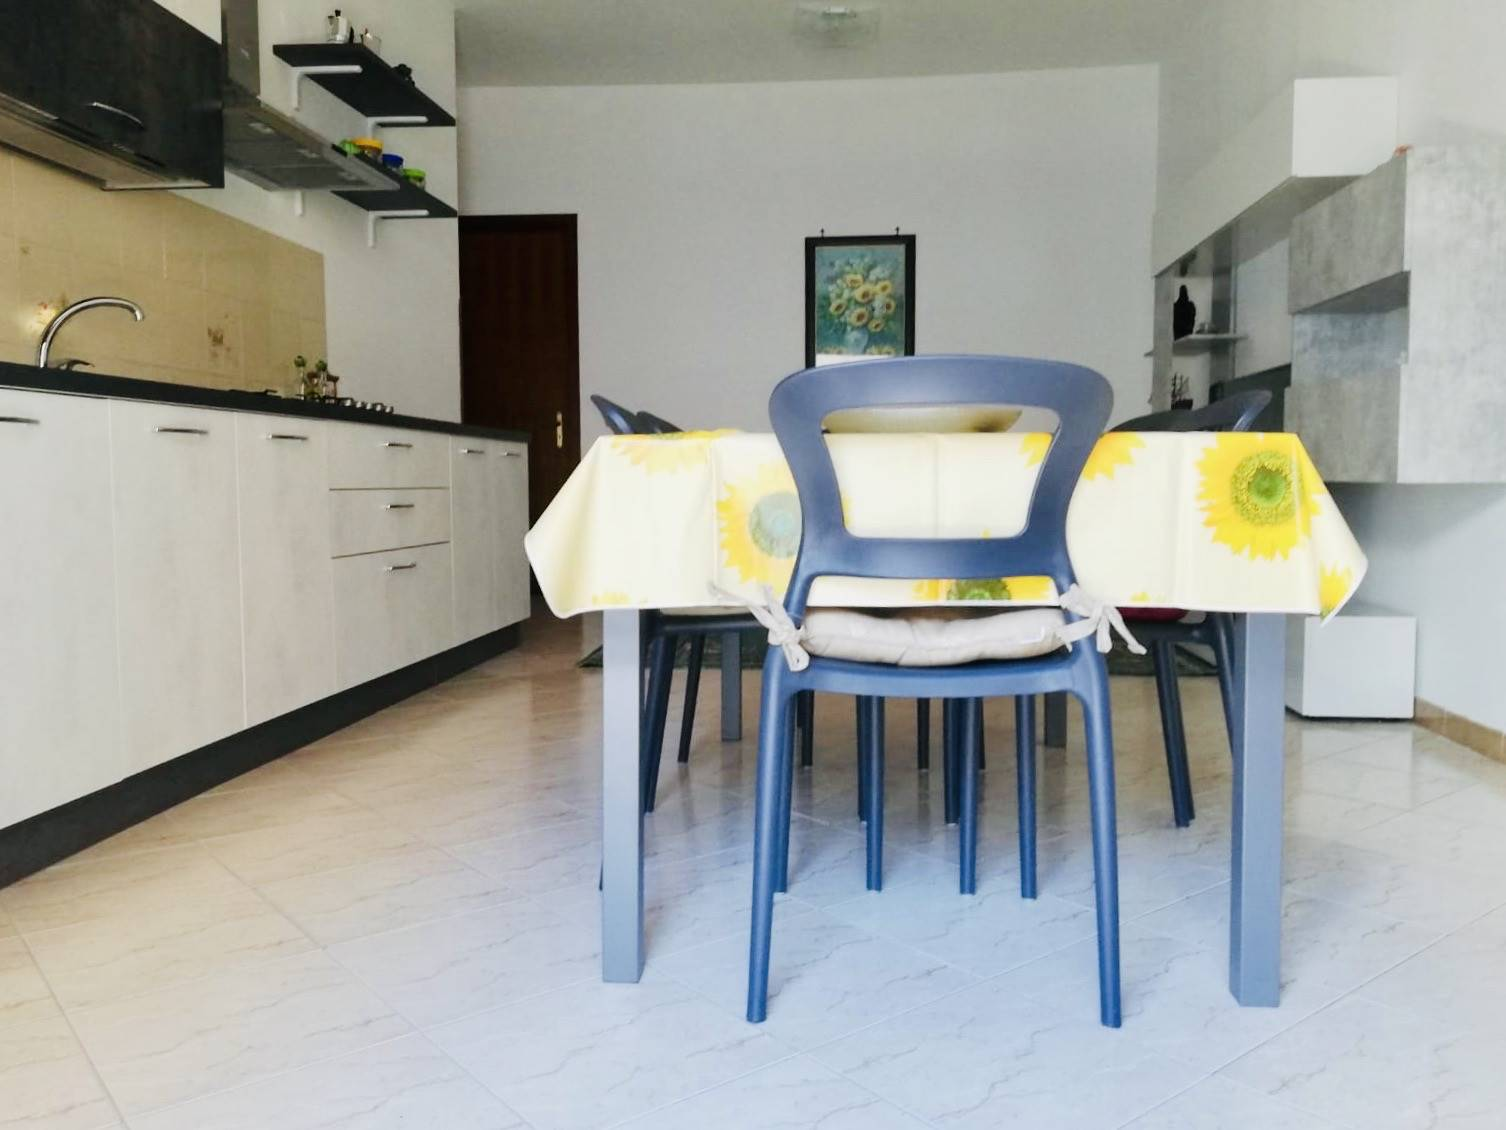 CAMPOFELICE DI ROCCELLA, Appartamento in affitto di 80 Mq, Abitabile, Riscaldamento Autonomo, Classe energetica: G, posto al piano 2°, composto da: 3